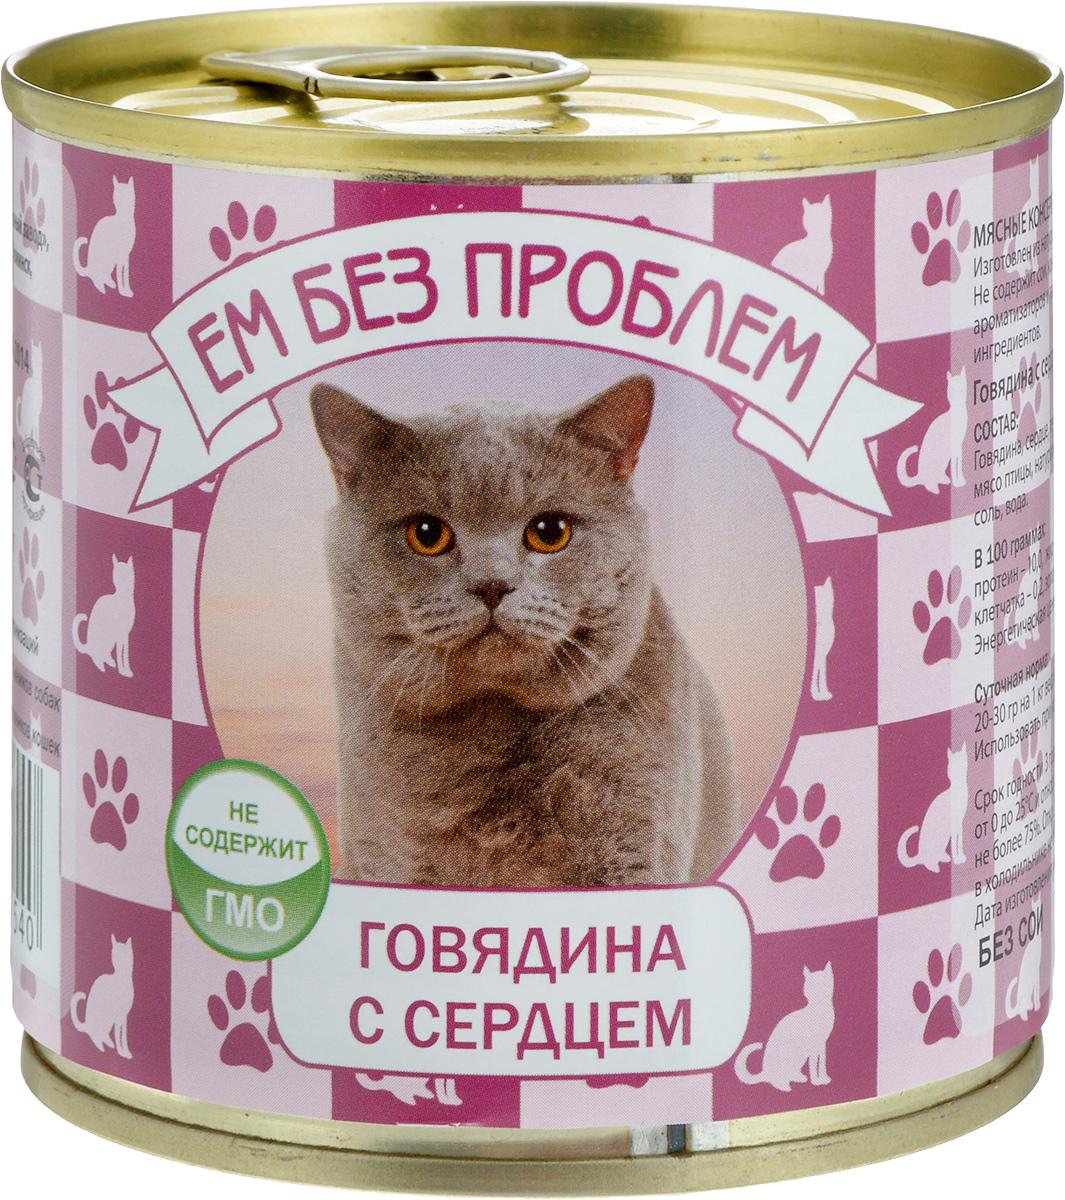 Консервы для кошек Ем без проблем, говядина с сердцем, 250 г00-00001602Мясные консервы для кошек Ем без проблем изготовлены из натурального российского мяса. Не содержат сои, консервантов, красителей, ароматизаторов и генномодифицированных ингредиентов. Корм полностью удовлетворяет ежедневные энергетические потребности животного и обеспечивает оптимальное функционирование пищеварительной системы. Консервы Ем без проблем рекомендуется смешивать с кашами и овощами. Товар сертифицирован.